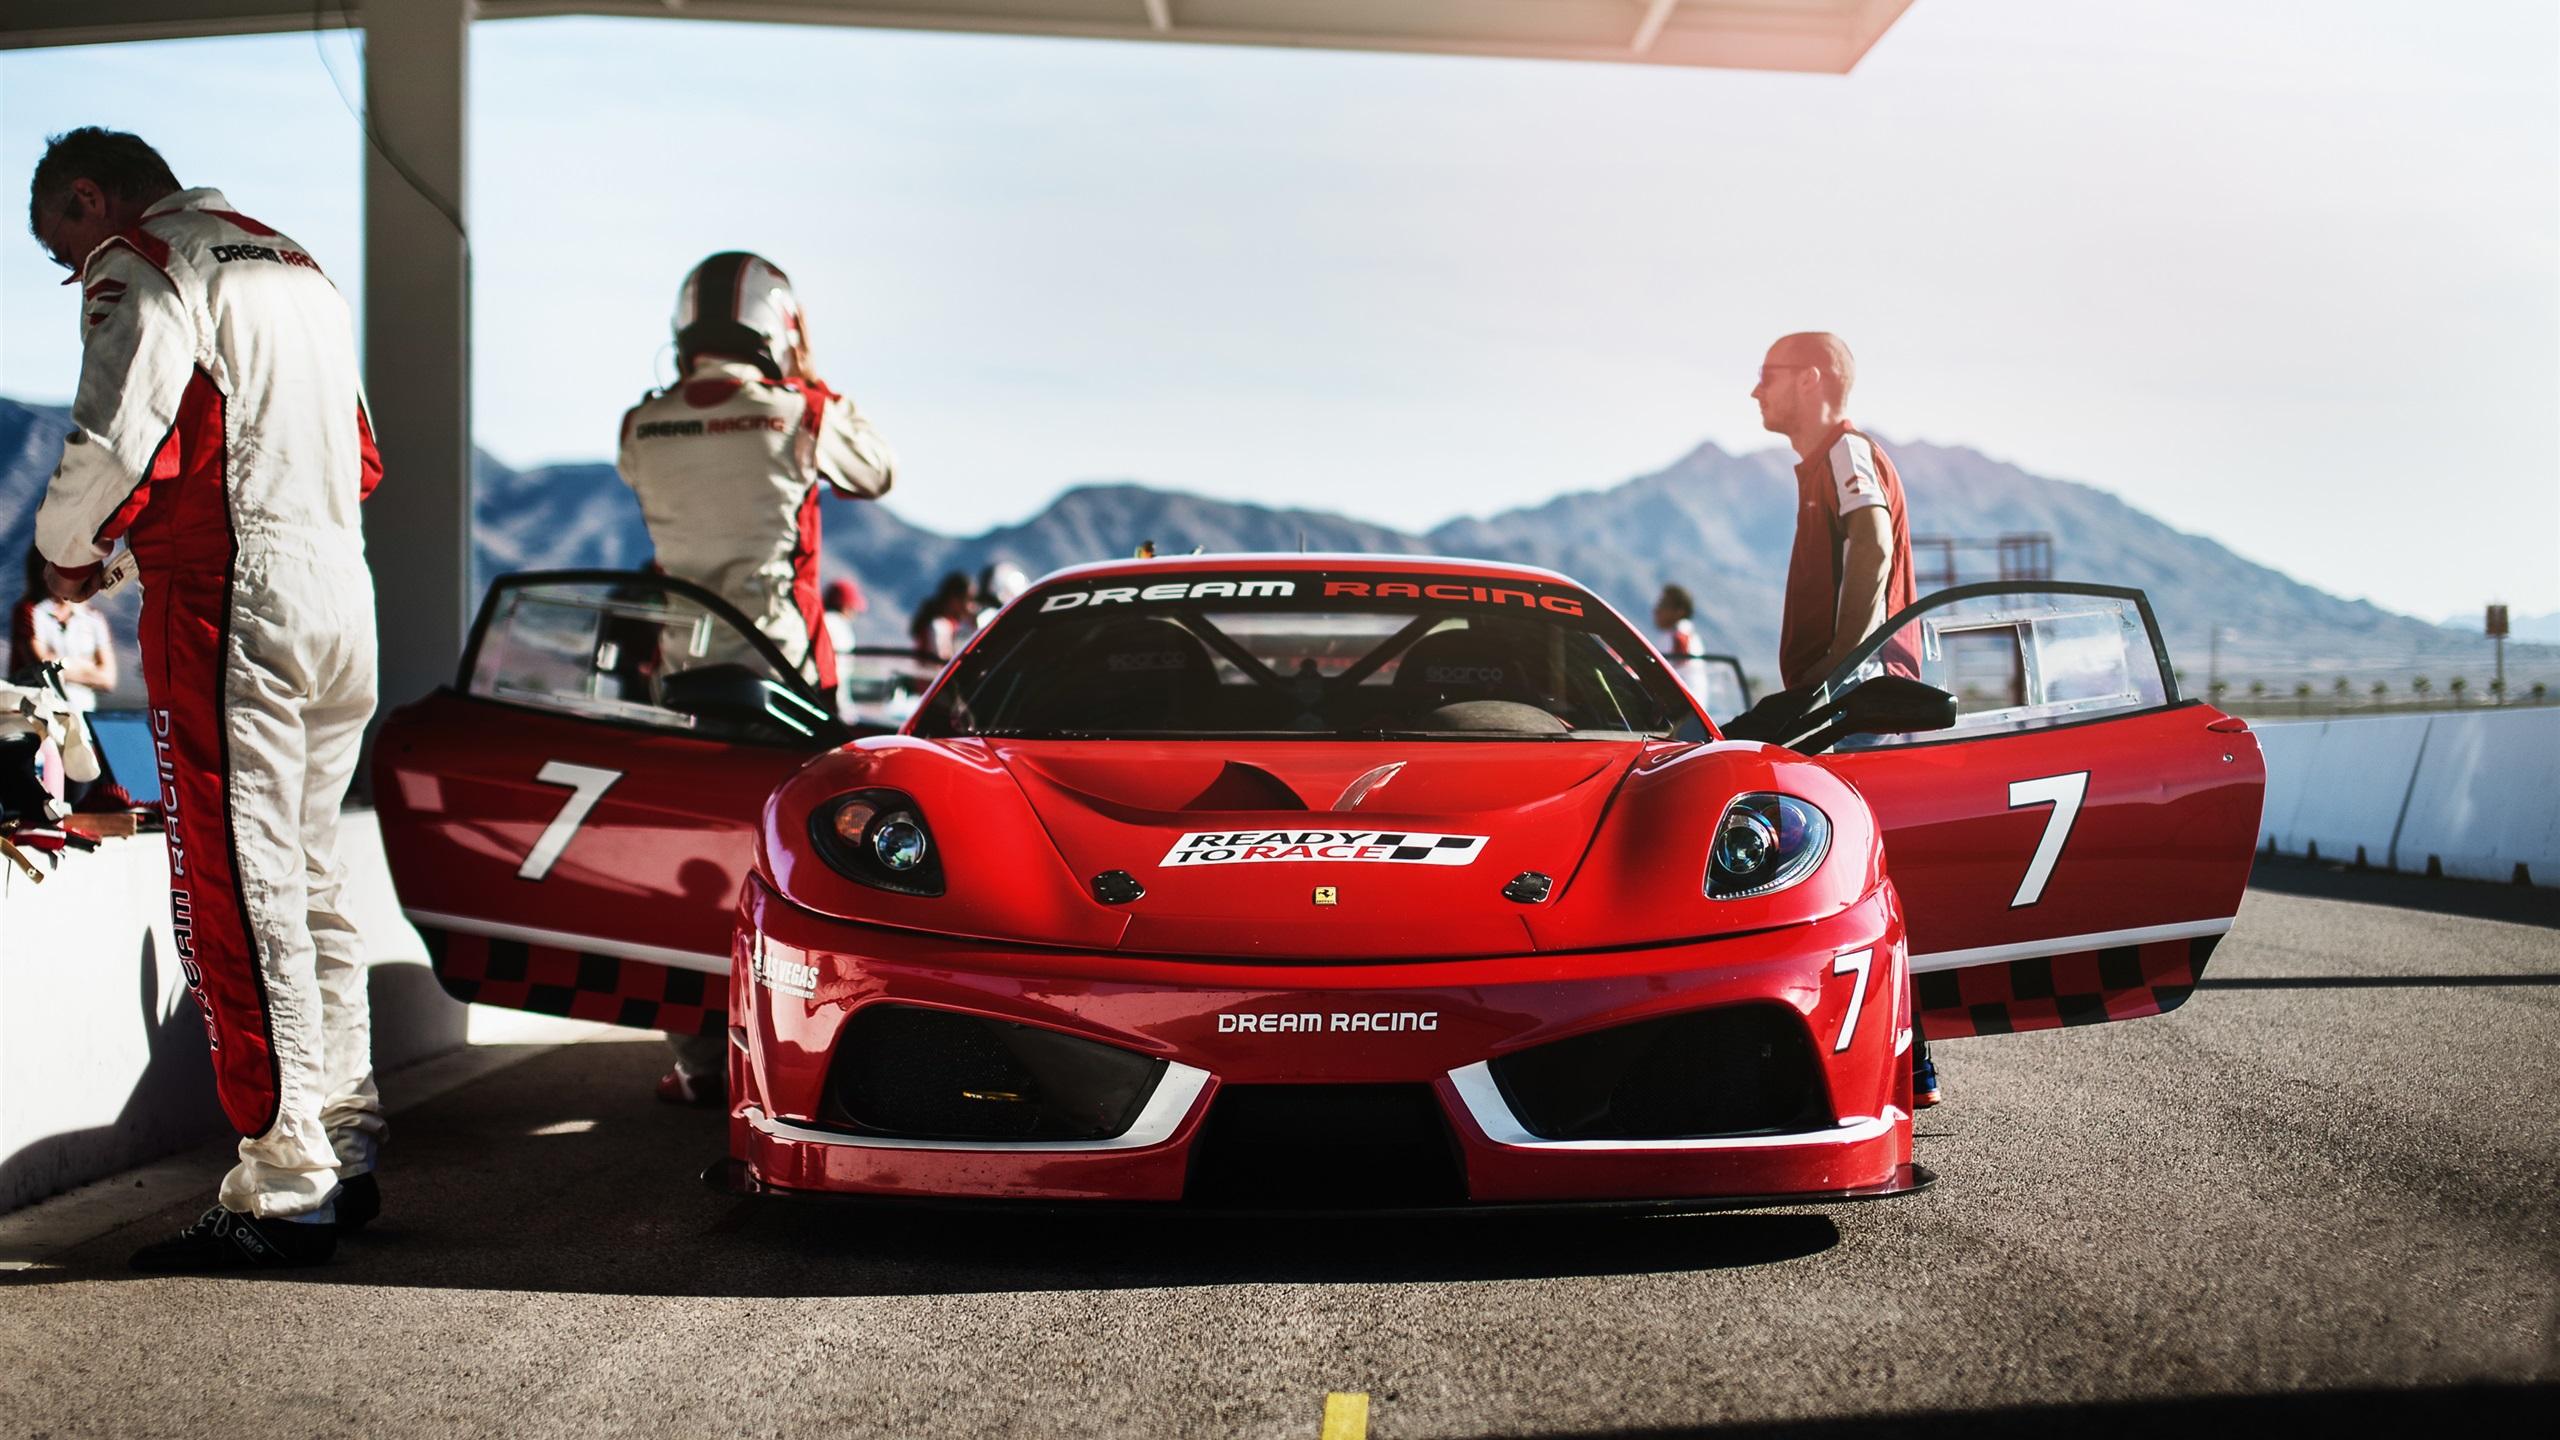 法拉利f430梦幻赛车,红色超级跑车前视图 壁纸 - 2560x1440 qhd